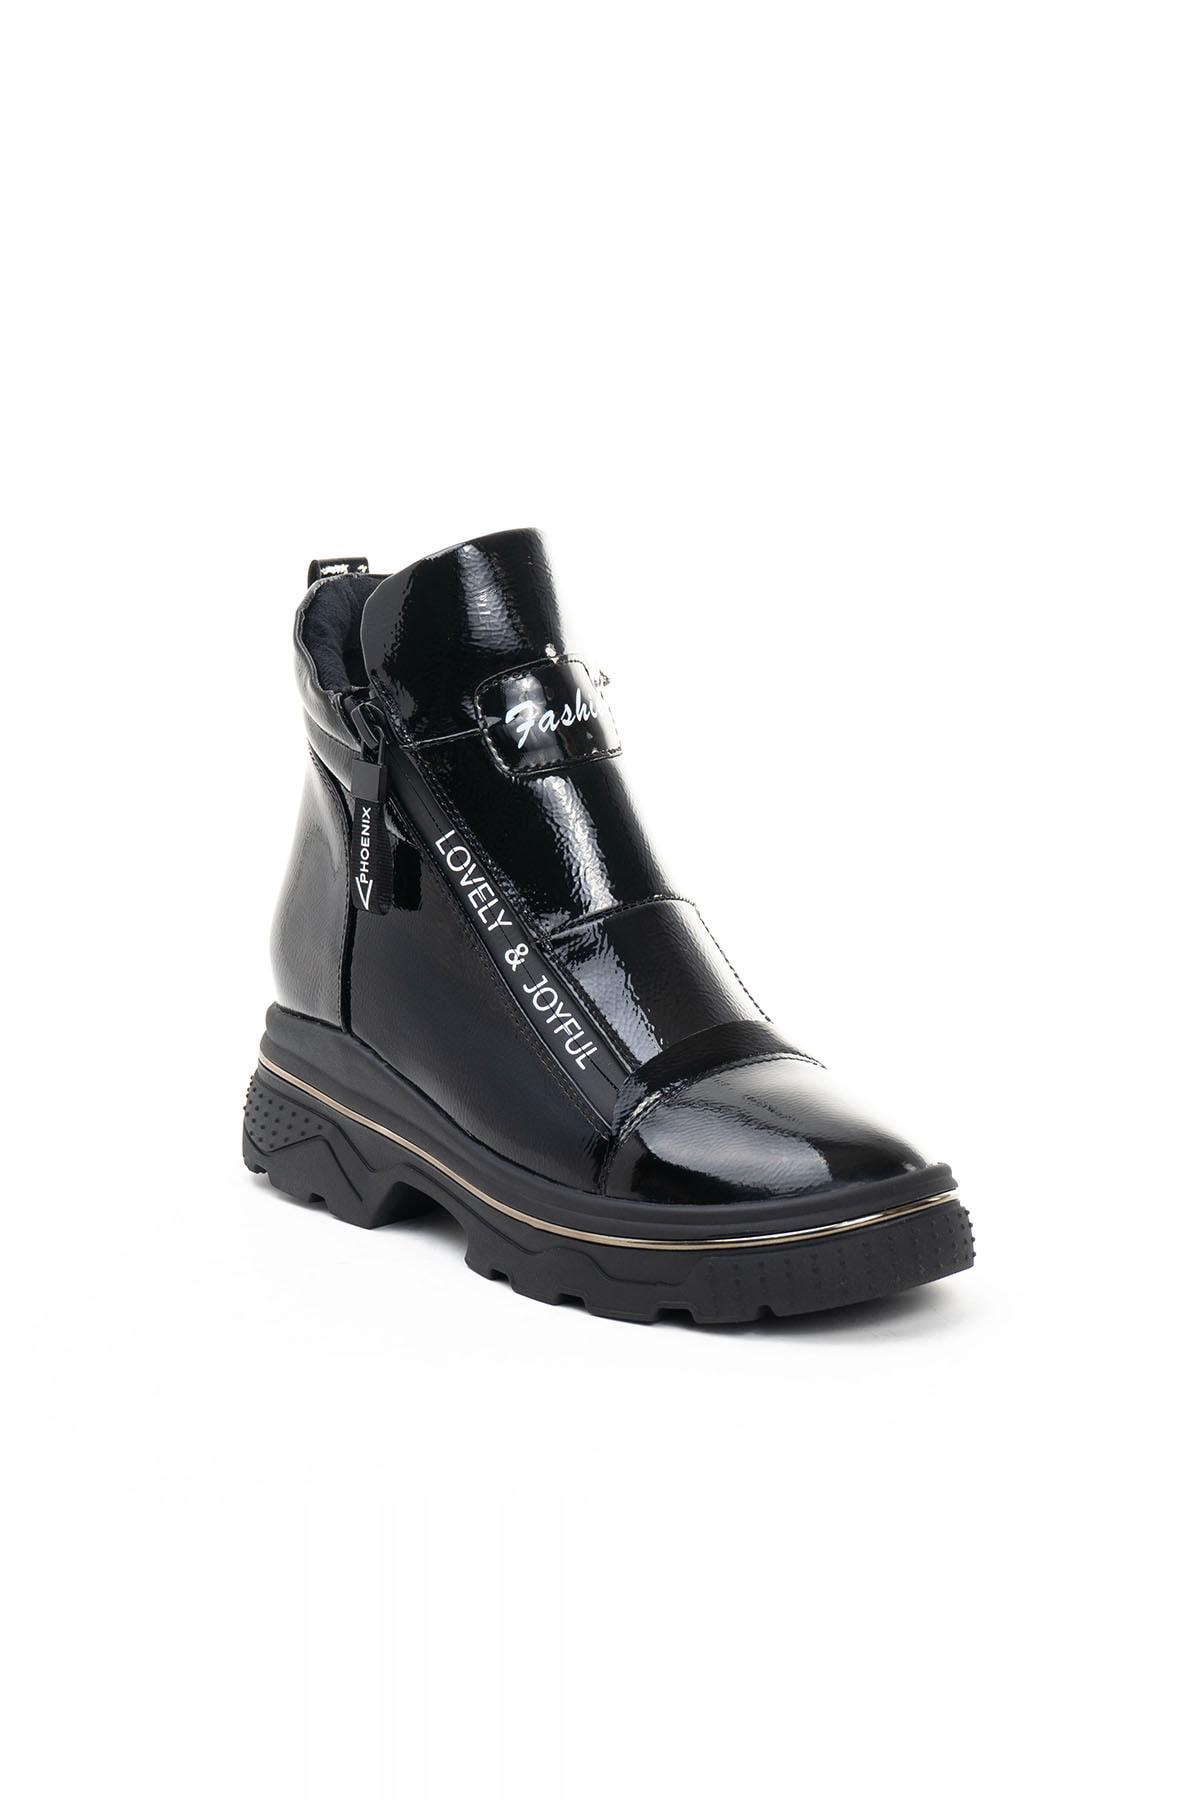 Guja Kadın Beyaz Spor Ayakkabı 19k326-3